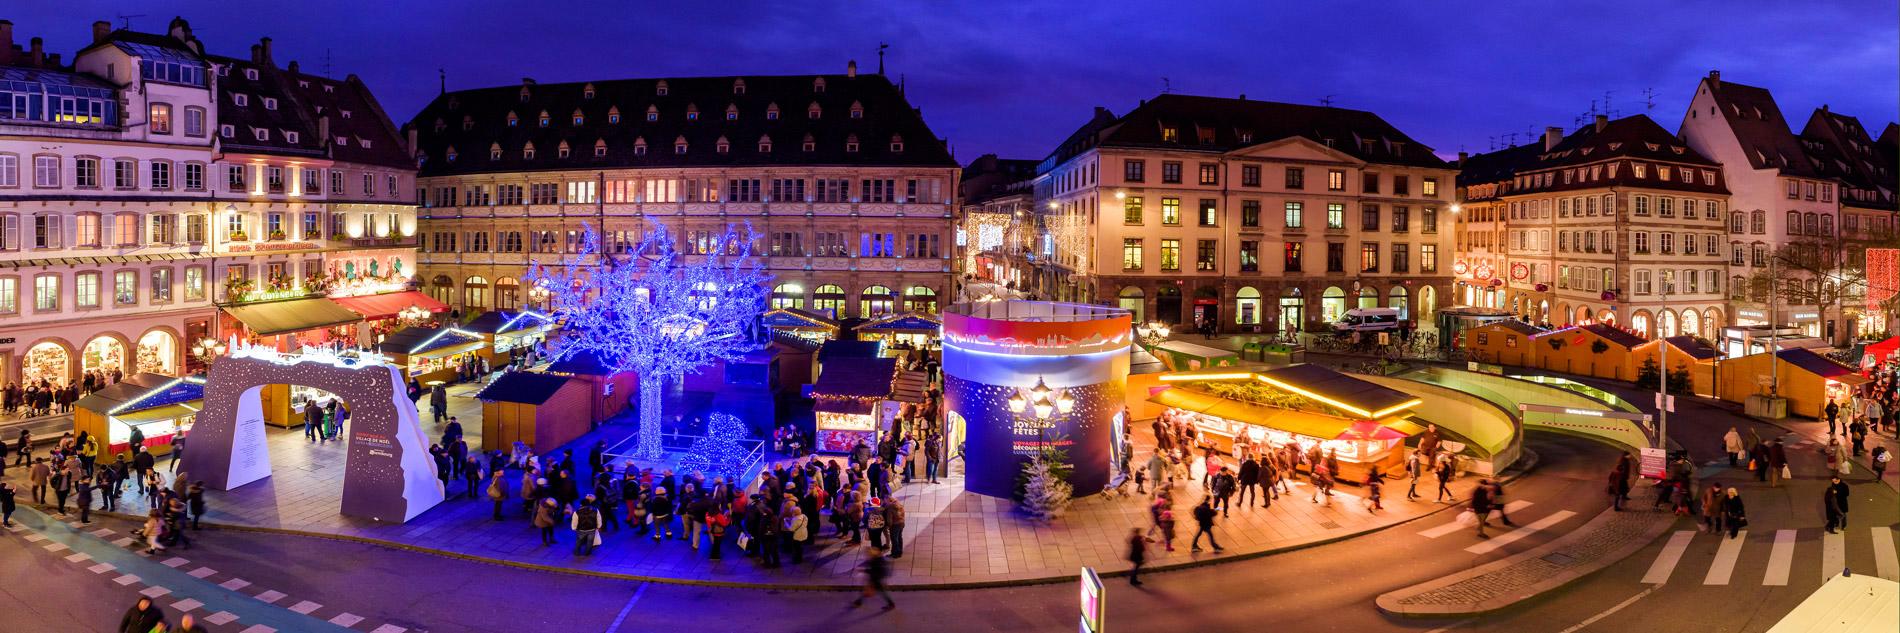 Strasbourg Place Gutemberg